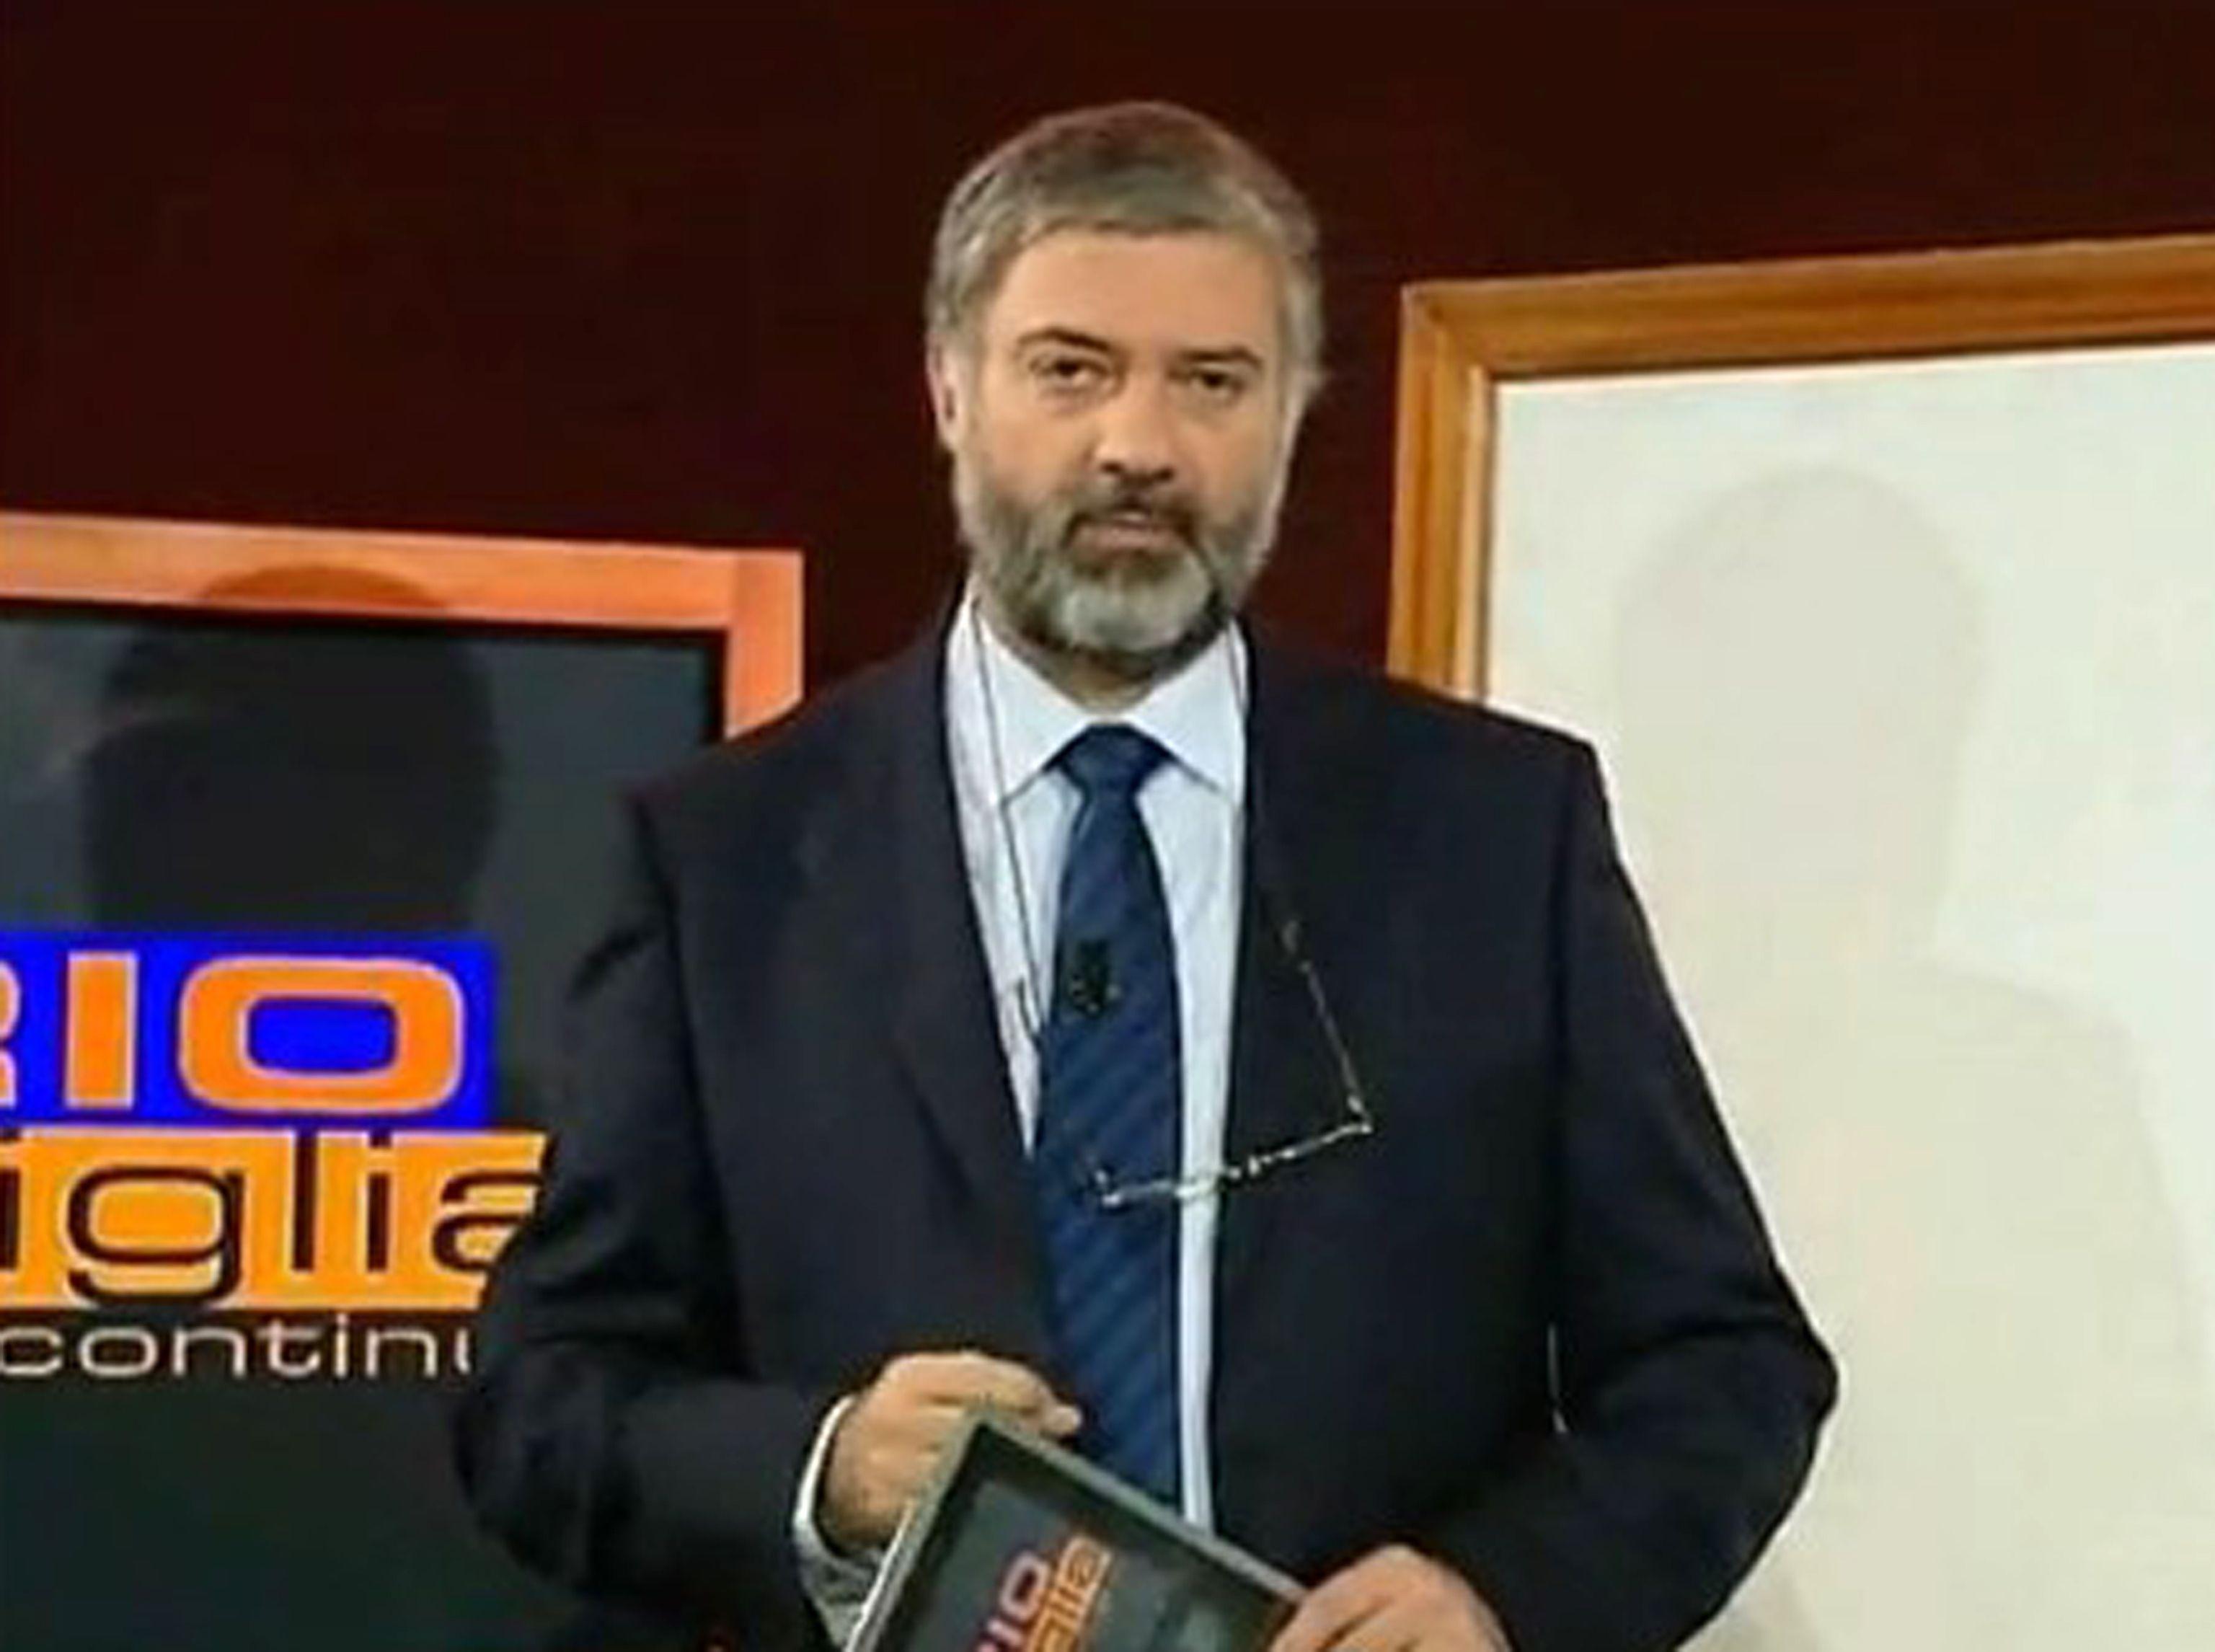 Alessandro Cozzi, l'ex conduttore tv condannato all'ergastolo per omicidio